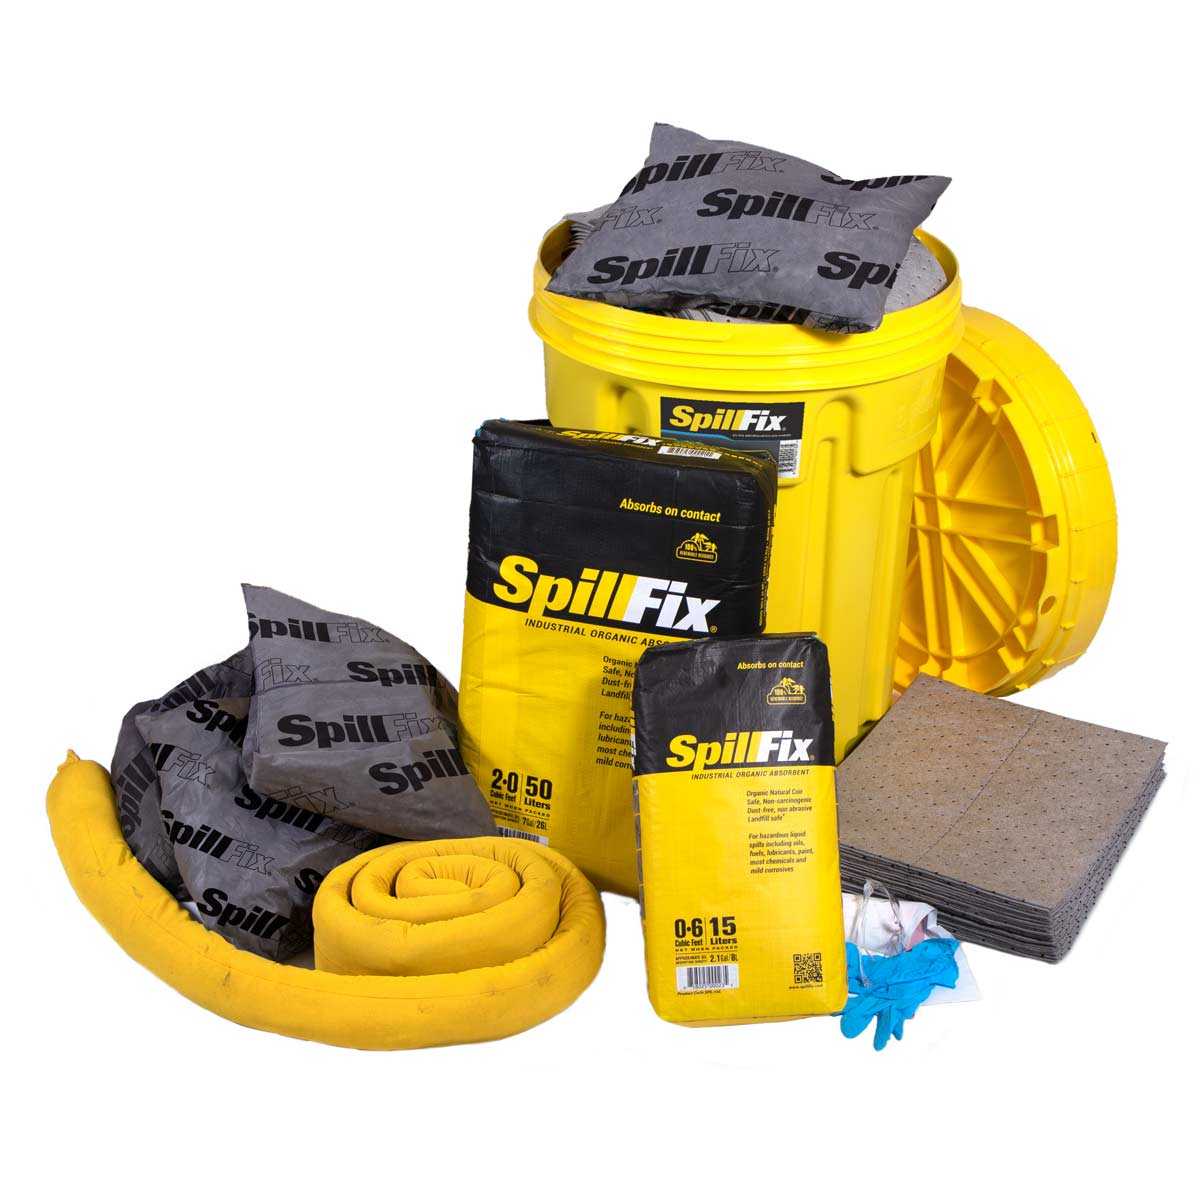 SpillFix Oil-Only Spill Kits